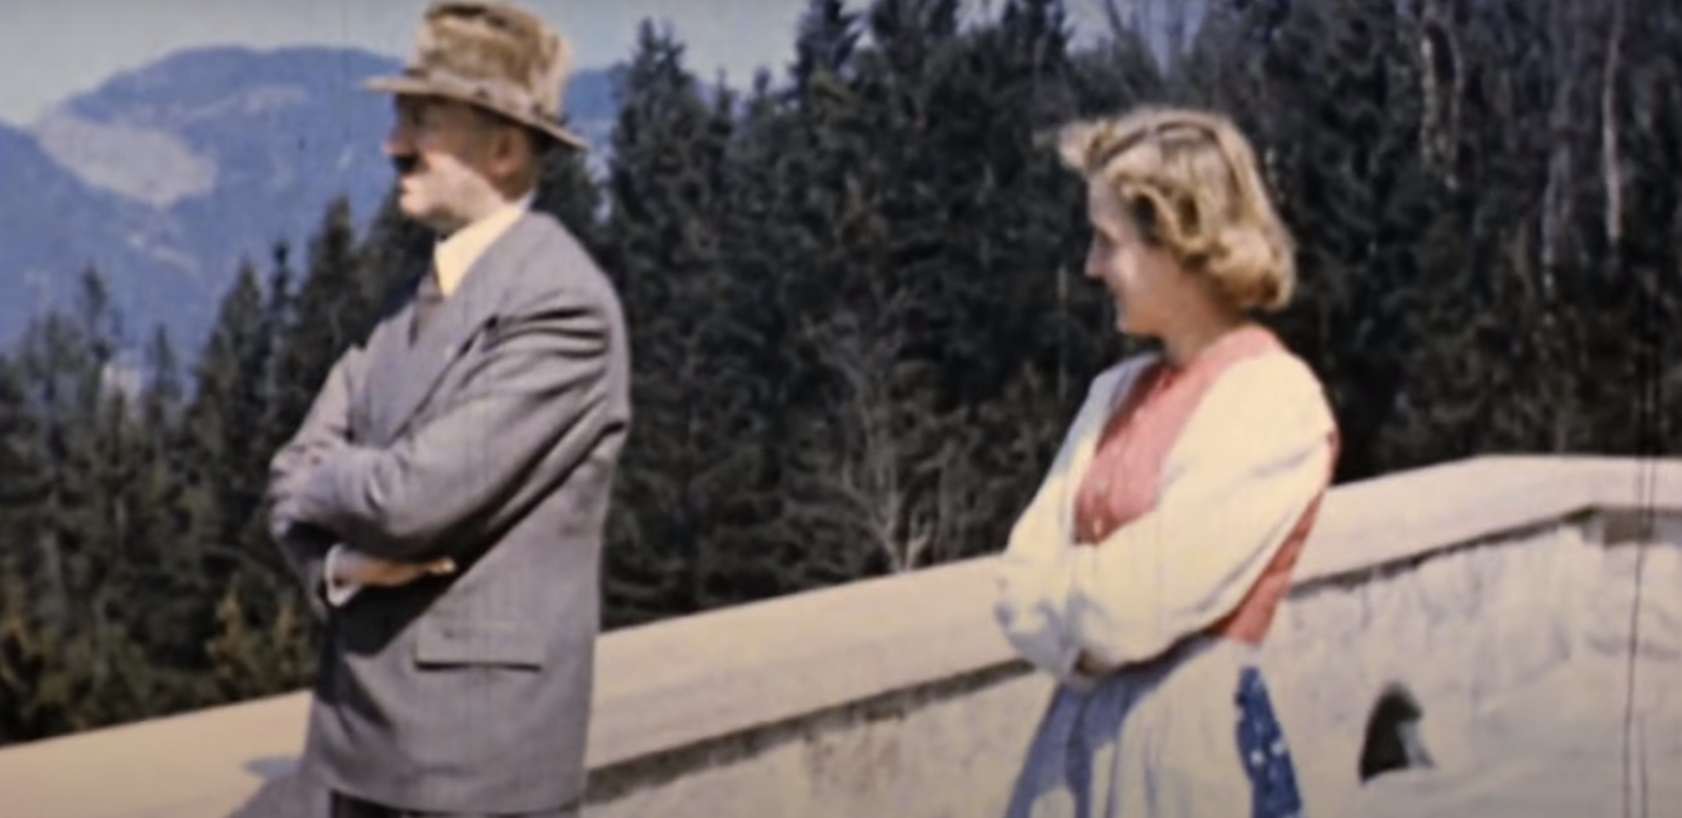 To odkrycie miało wstrząsnąć ludźmi, ogłoszono bowiem, że odnaleziono zdjęcia przedstawiające Ewę Braun, kochankę Adolfa Hitlera nago.